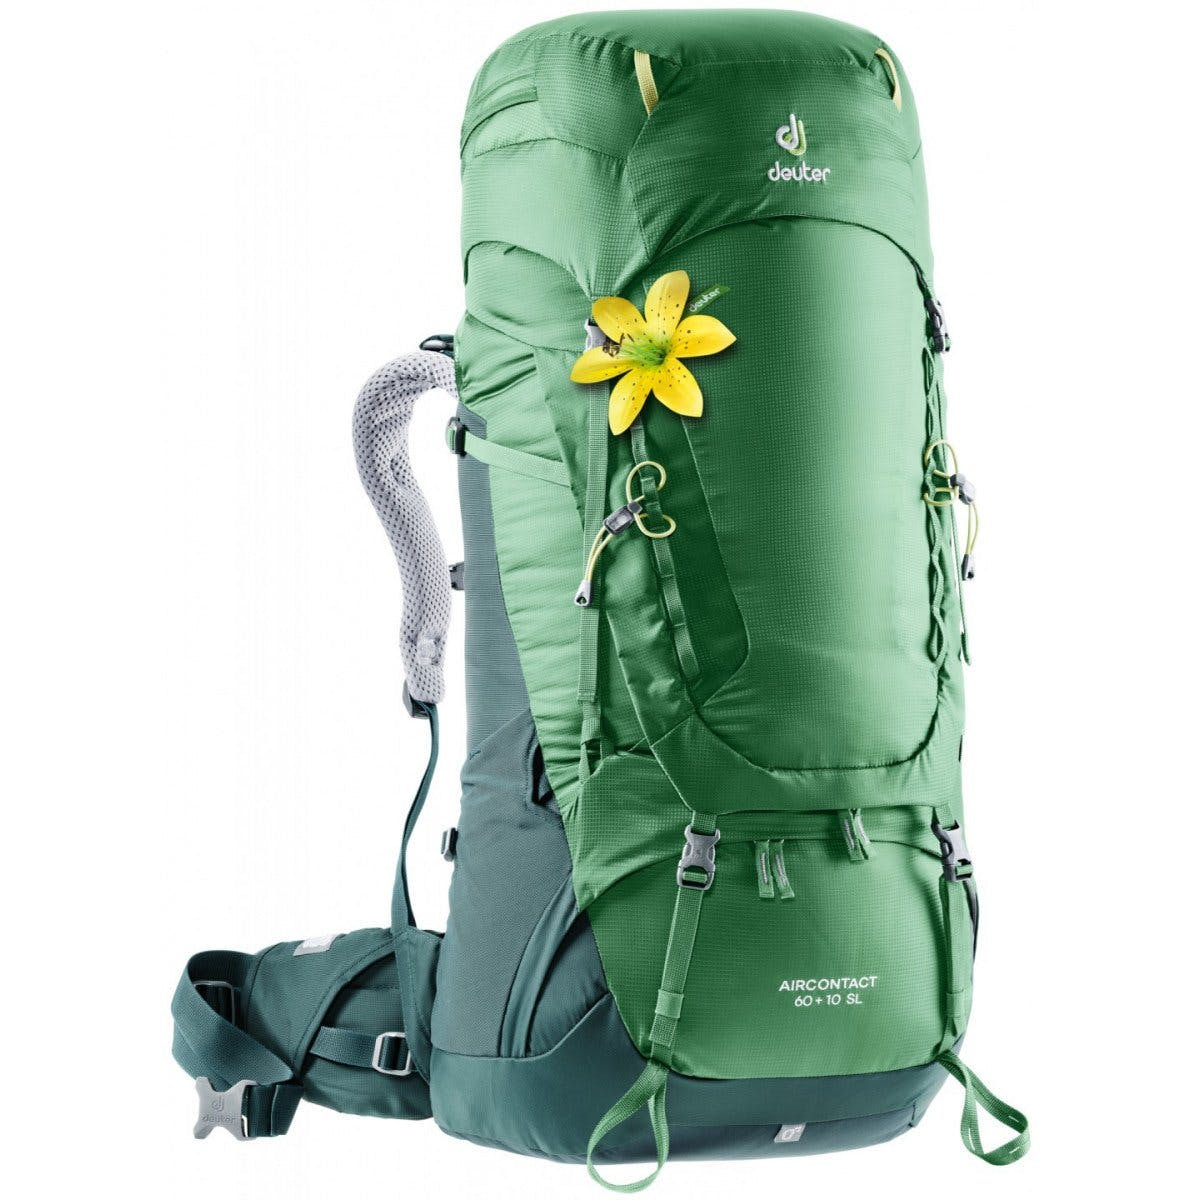 Deuter Aircontact 60 + 10 SL Backpack